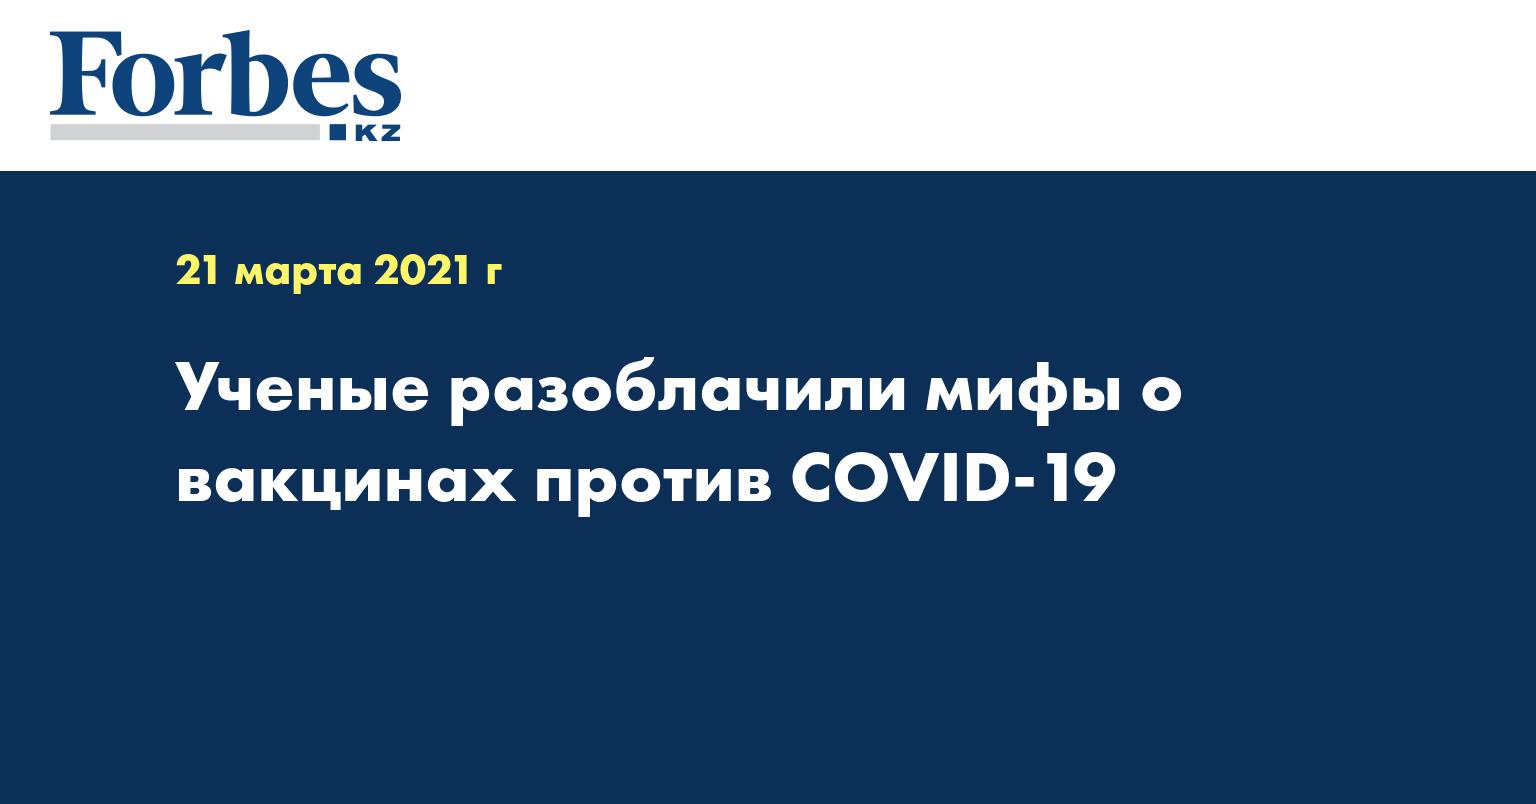 Ученые разоблачили мифы о вакцинах против COVID-19